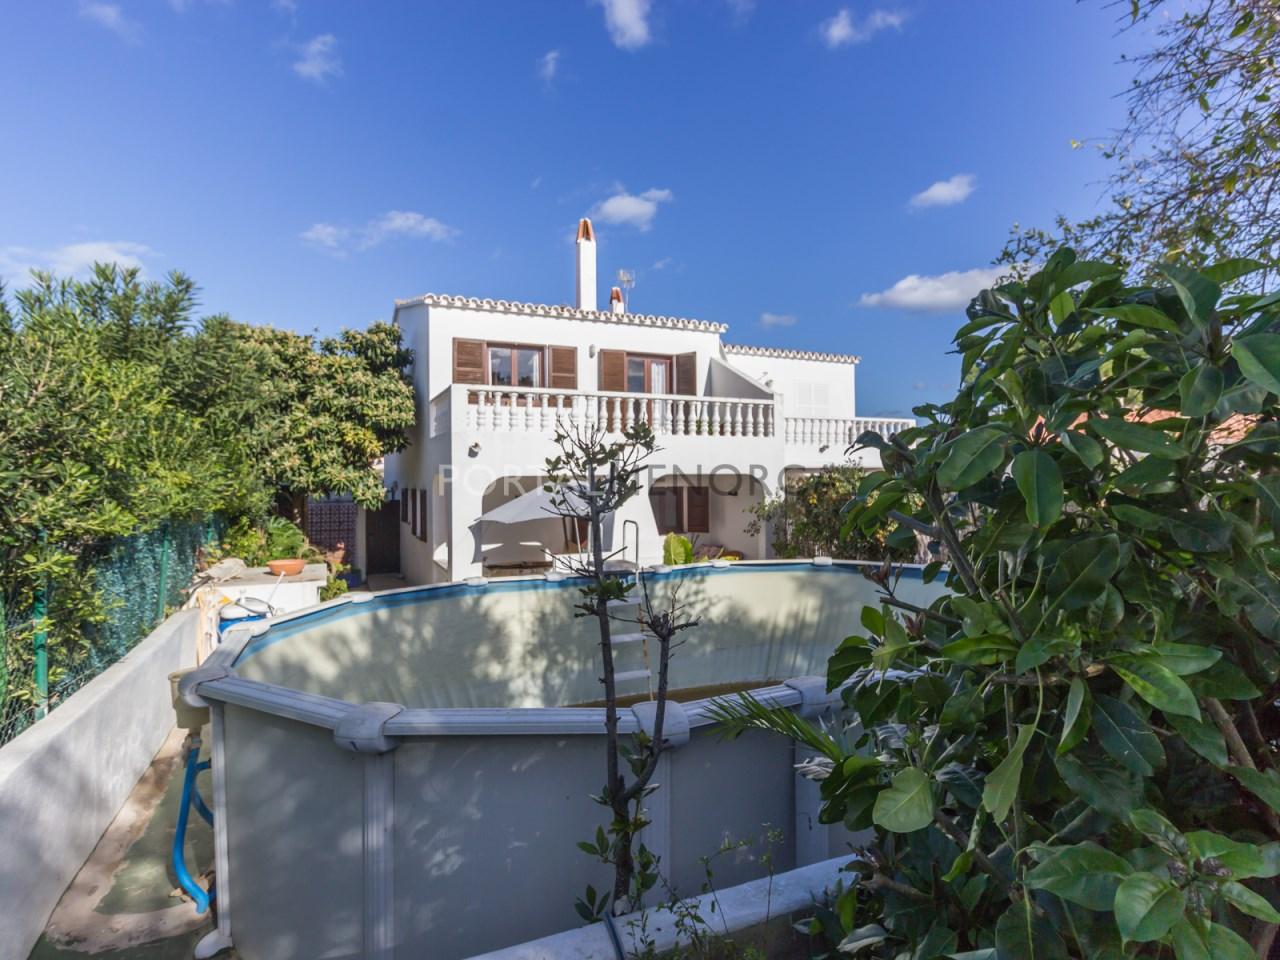 chalet con terreno en venta en Addaya Menorca (17 de 19)